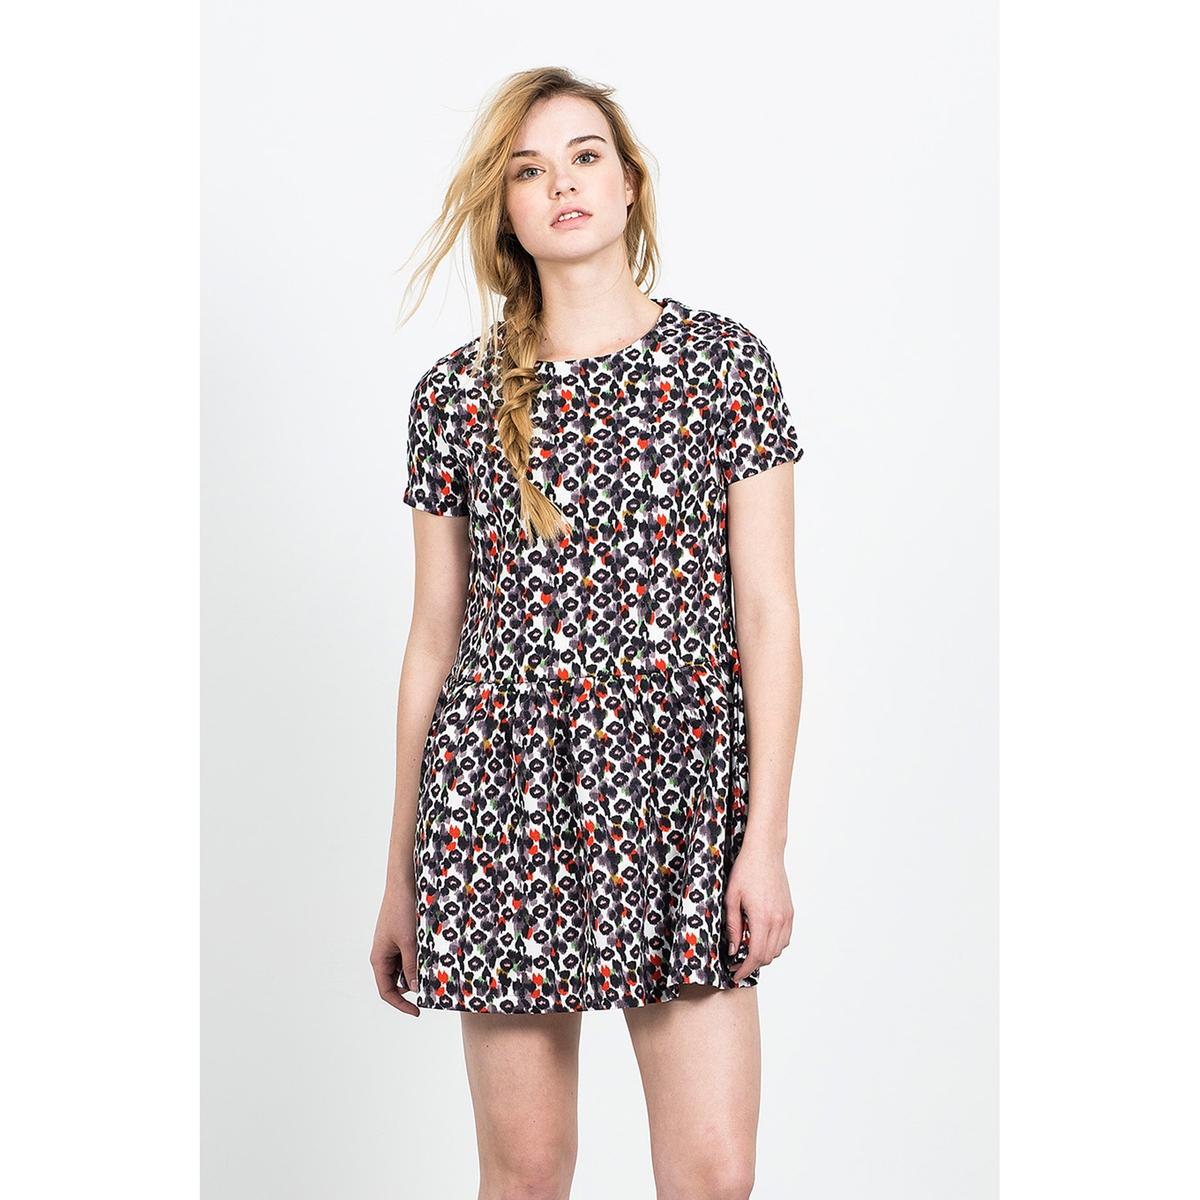 Короткое расклешённое платье с короткими рукавами AZTECA SKIRTКороткое платье с короткими рукавами  COMPANIA FANTASTICA. Платье с короткими рукавами, слегка плиссированный низ, немного расширяющийся к низу покрой и круглый вырез .Состав и описание :Материал : 100% полиэстерМарка : COMPANIA FANTASTICA.УходМашинная стирка при 30 °С с вещами схожих цветов  Стирать и гладить с изнаночной стороны<br><br>Цвет: набивной рисунок<br>Размер: S